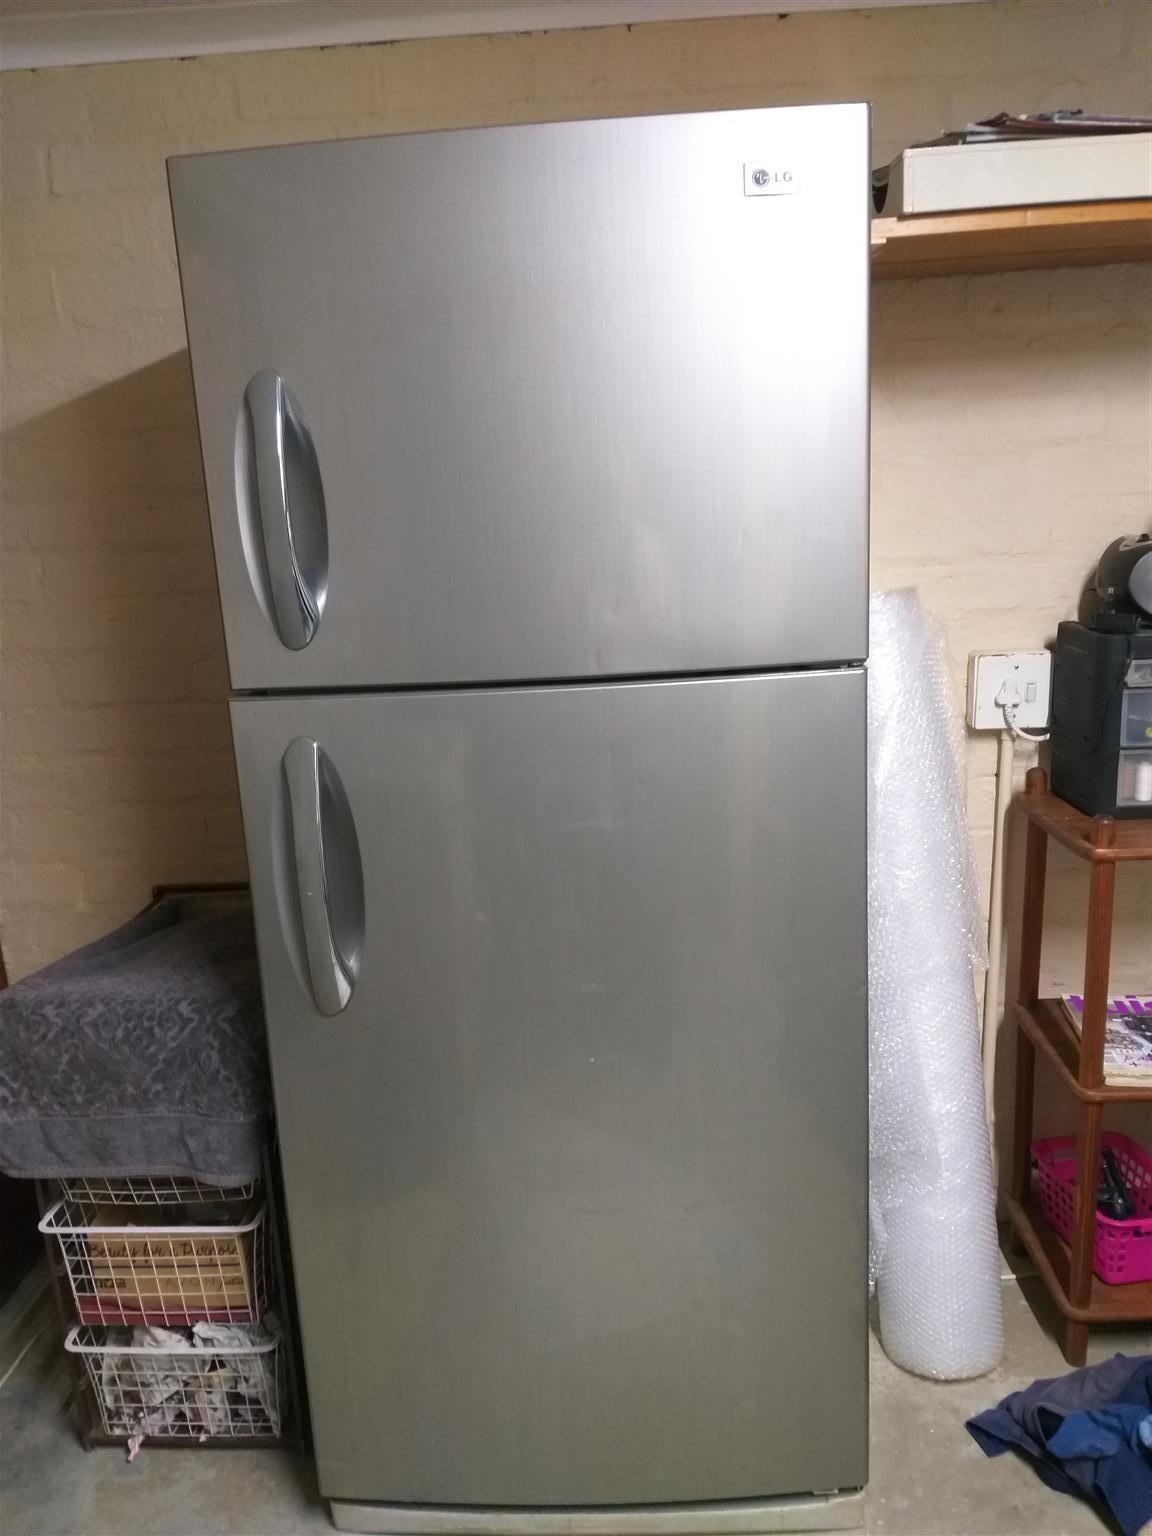 LG Fridge/Freezer Double Door